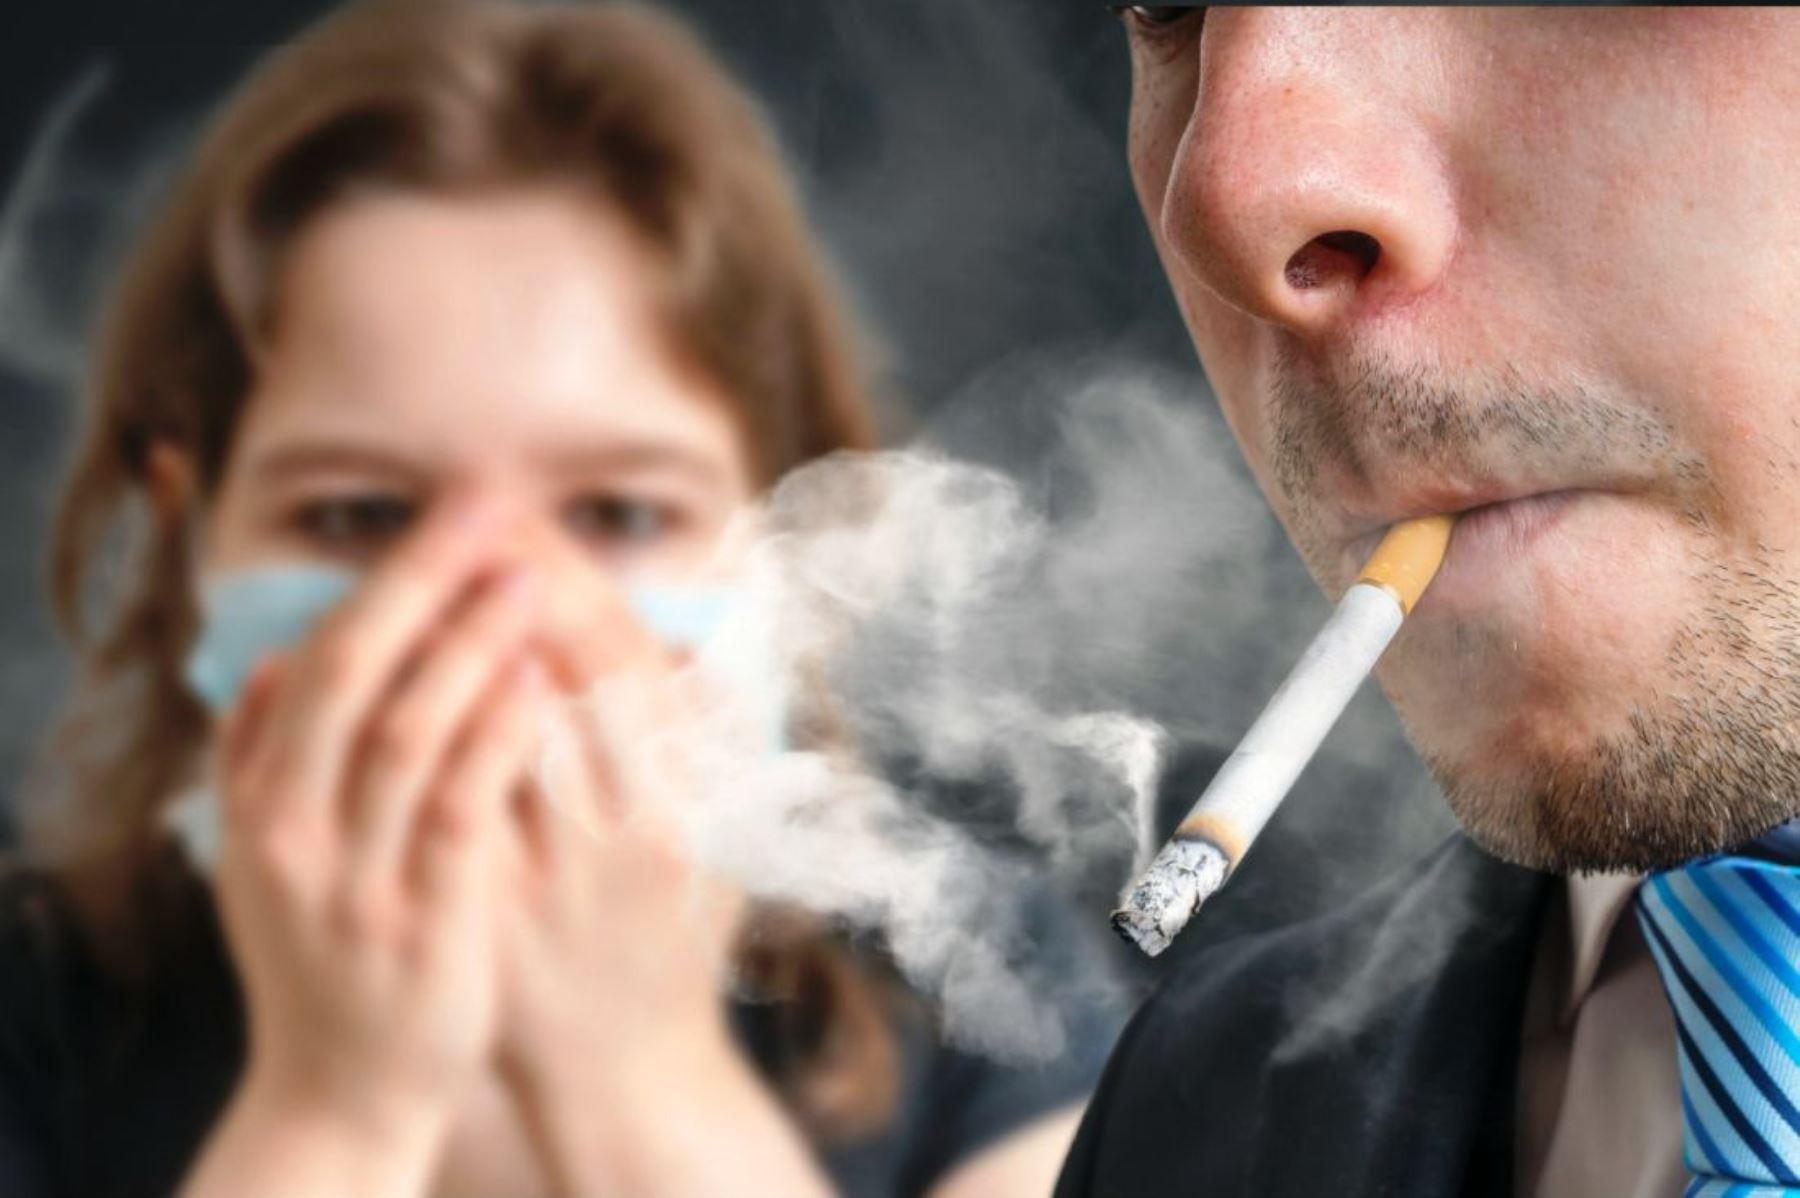 comision-de-salud-aprobo-dictamen-que-prohibe-la-publicidad-de-productos-de-tabaco